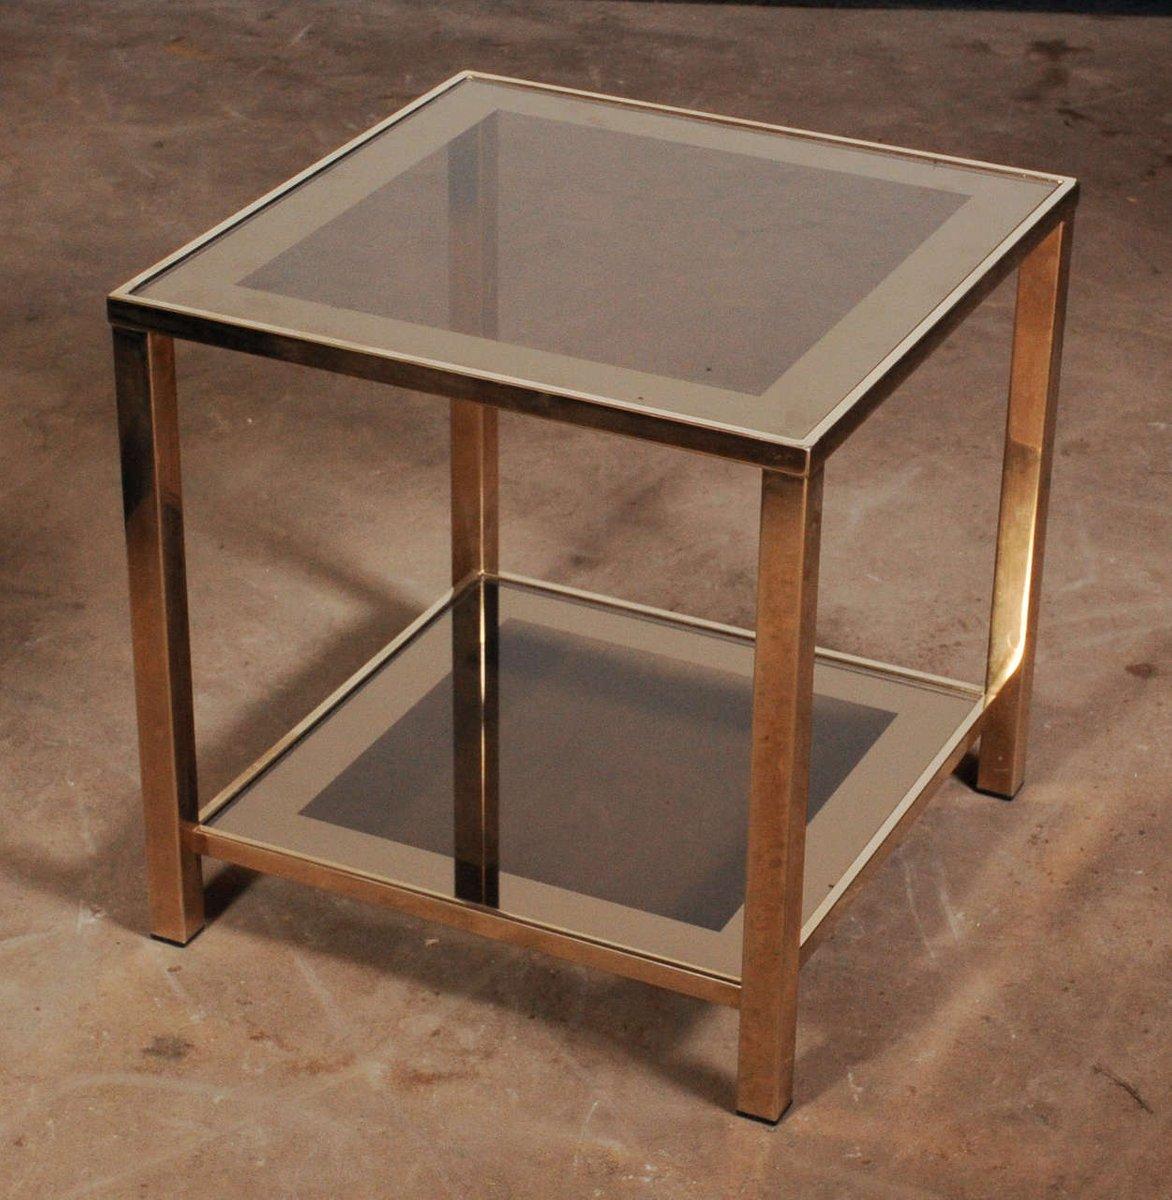 viereckiger vergoldeter beistelltisch mit ablage 1960er bei pamono kaufen. Black Bedroom Furniture Sets. Home Design Ideas